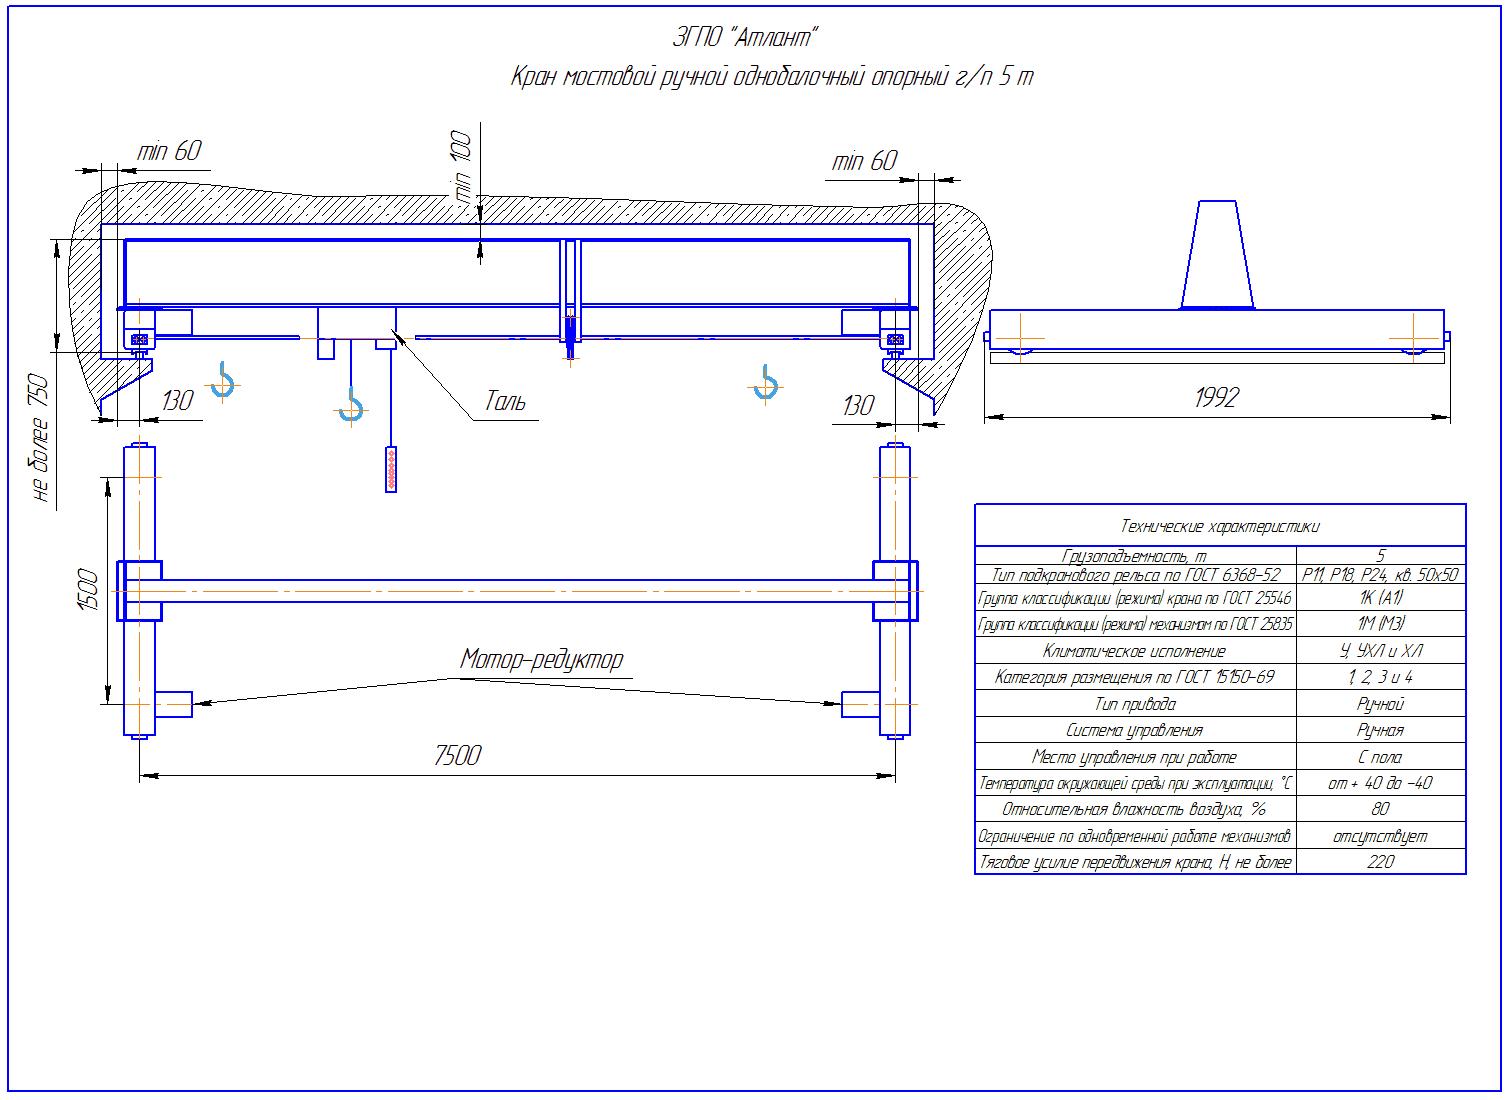 KRMOO 5 75 - Кран ручной мостовой опорный однобалочный